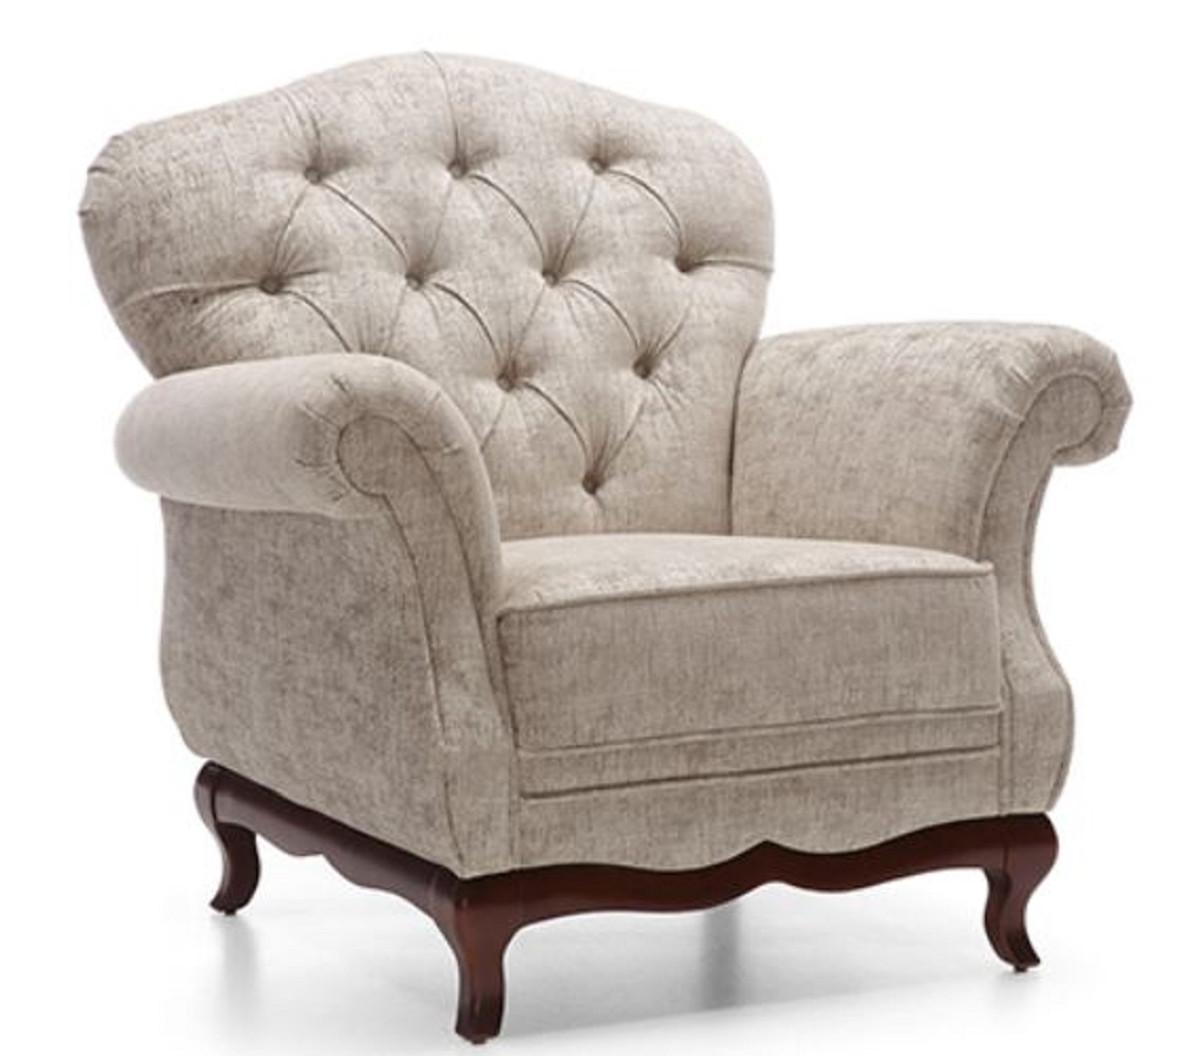 casa padrino fauteuil de salon chesterfield art deco de luxe greige marron fonce 99 x 90 x h 98 cm meubles de salon